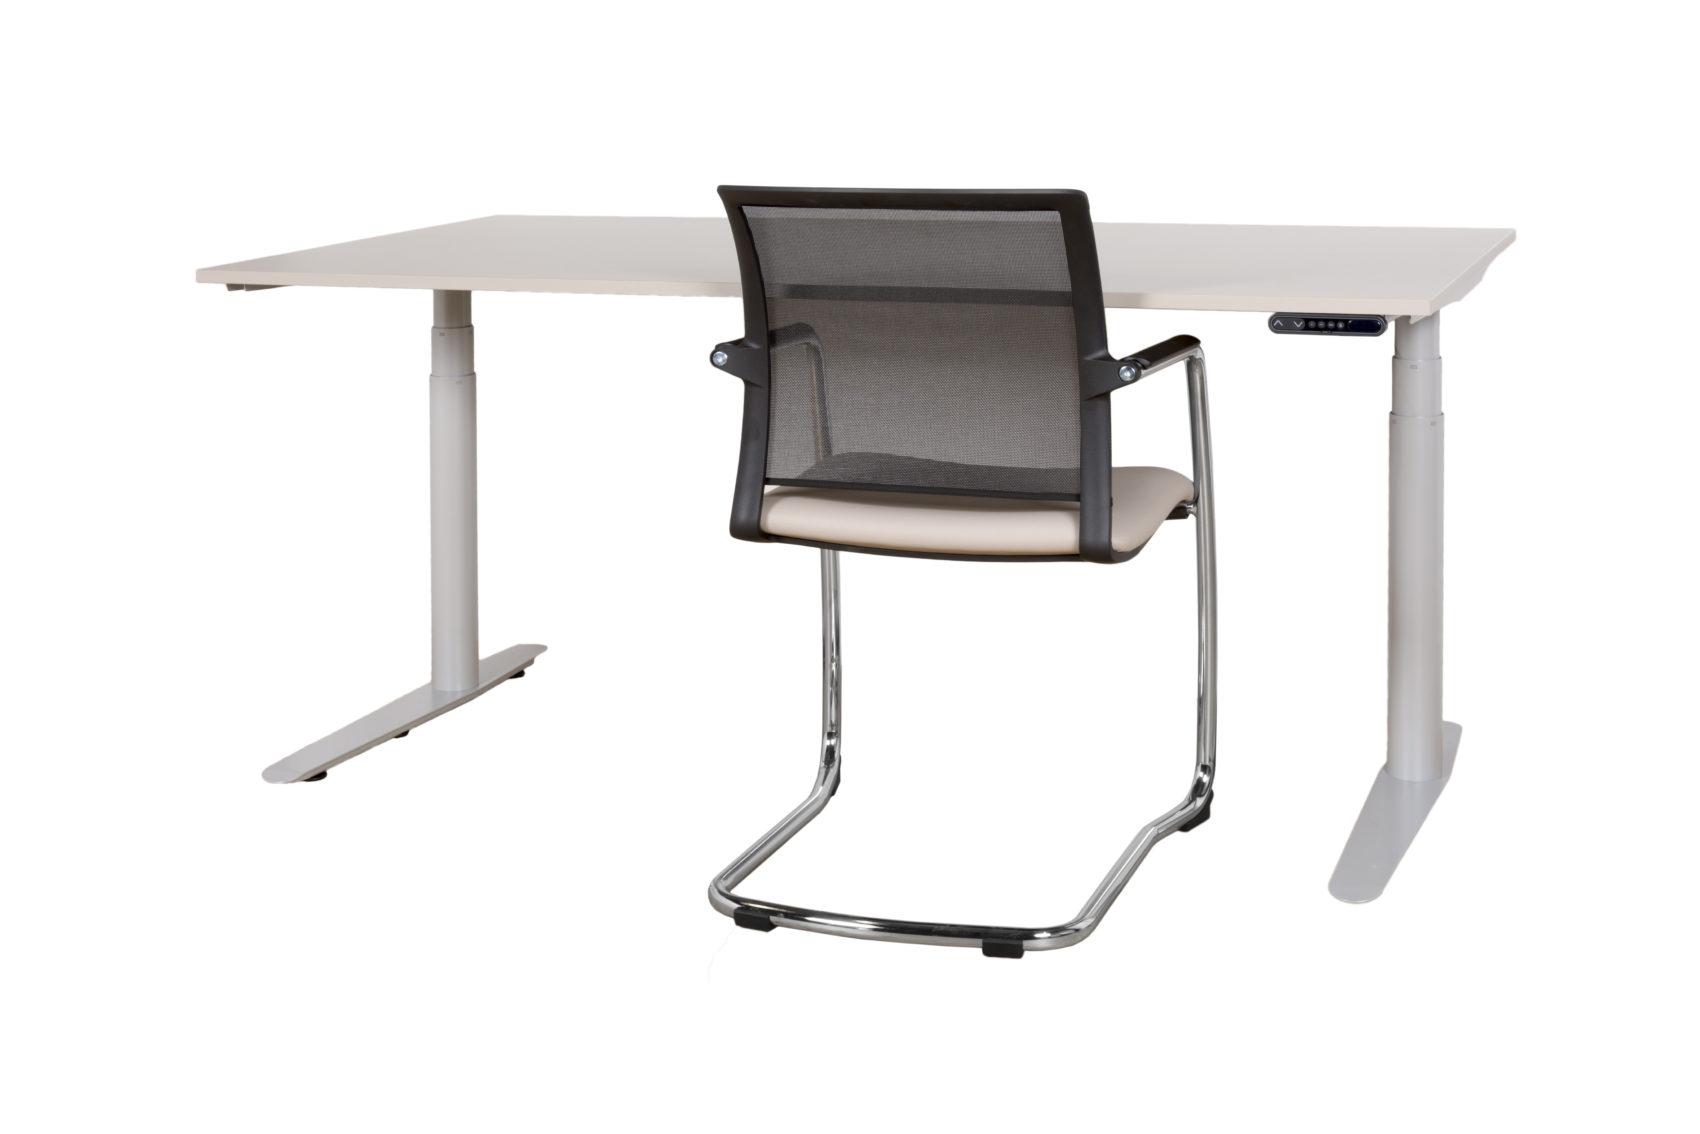 hohenverstellbarer office tisch und stuhl 1700x1134 ozg